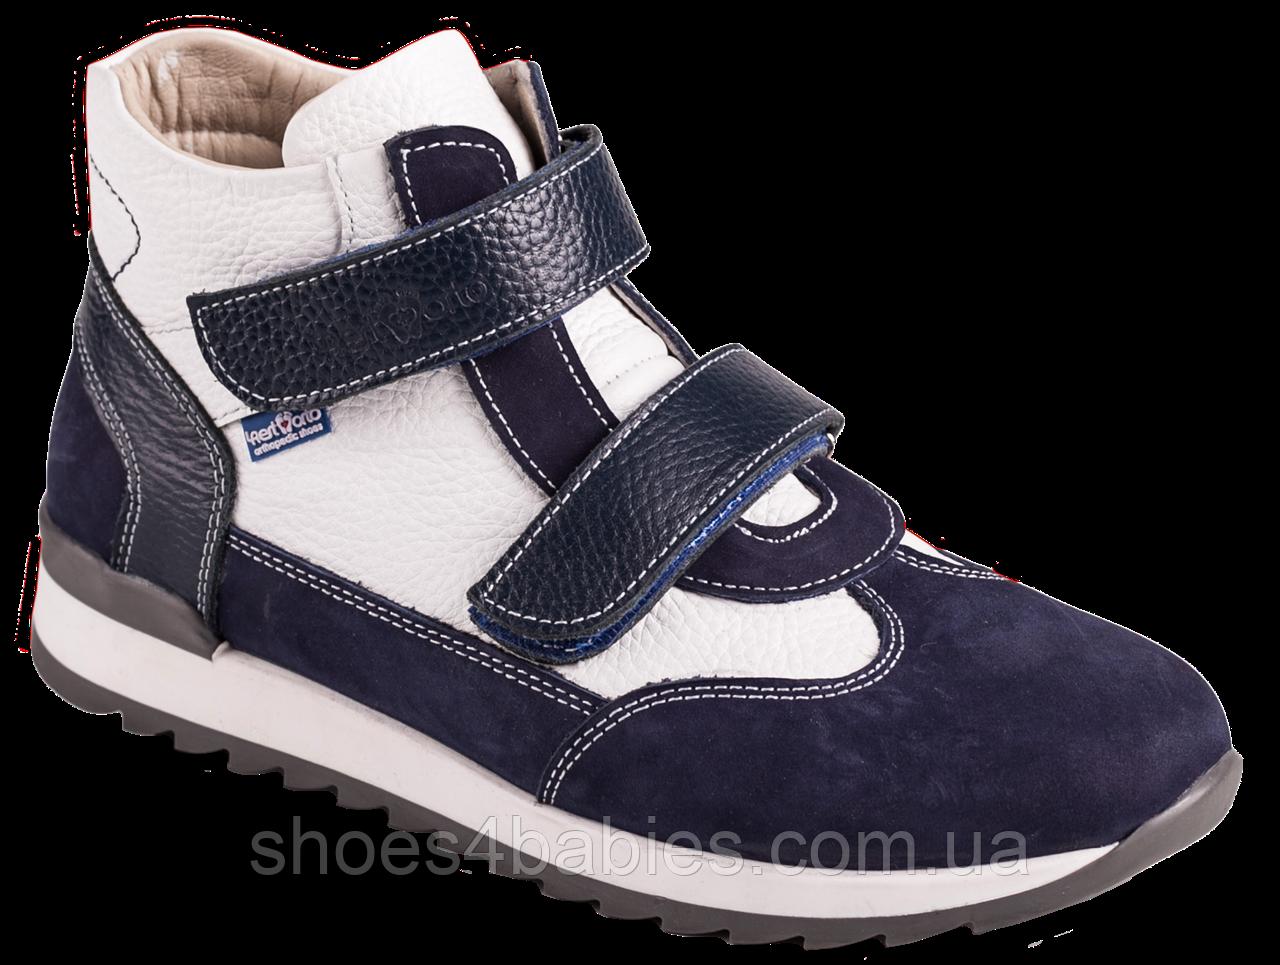 Детские ортопедические кроссовки Форест-Орто 06-601 р. 37-40